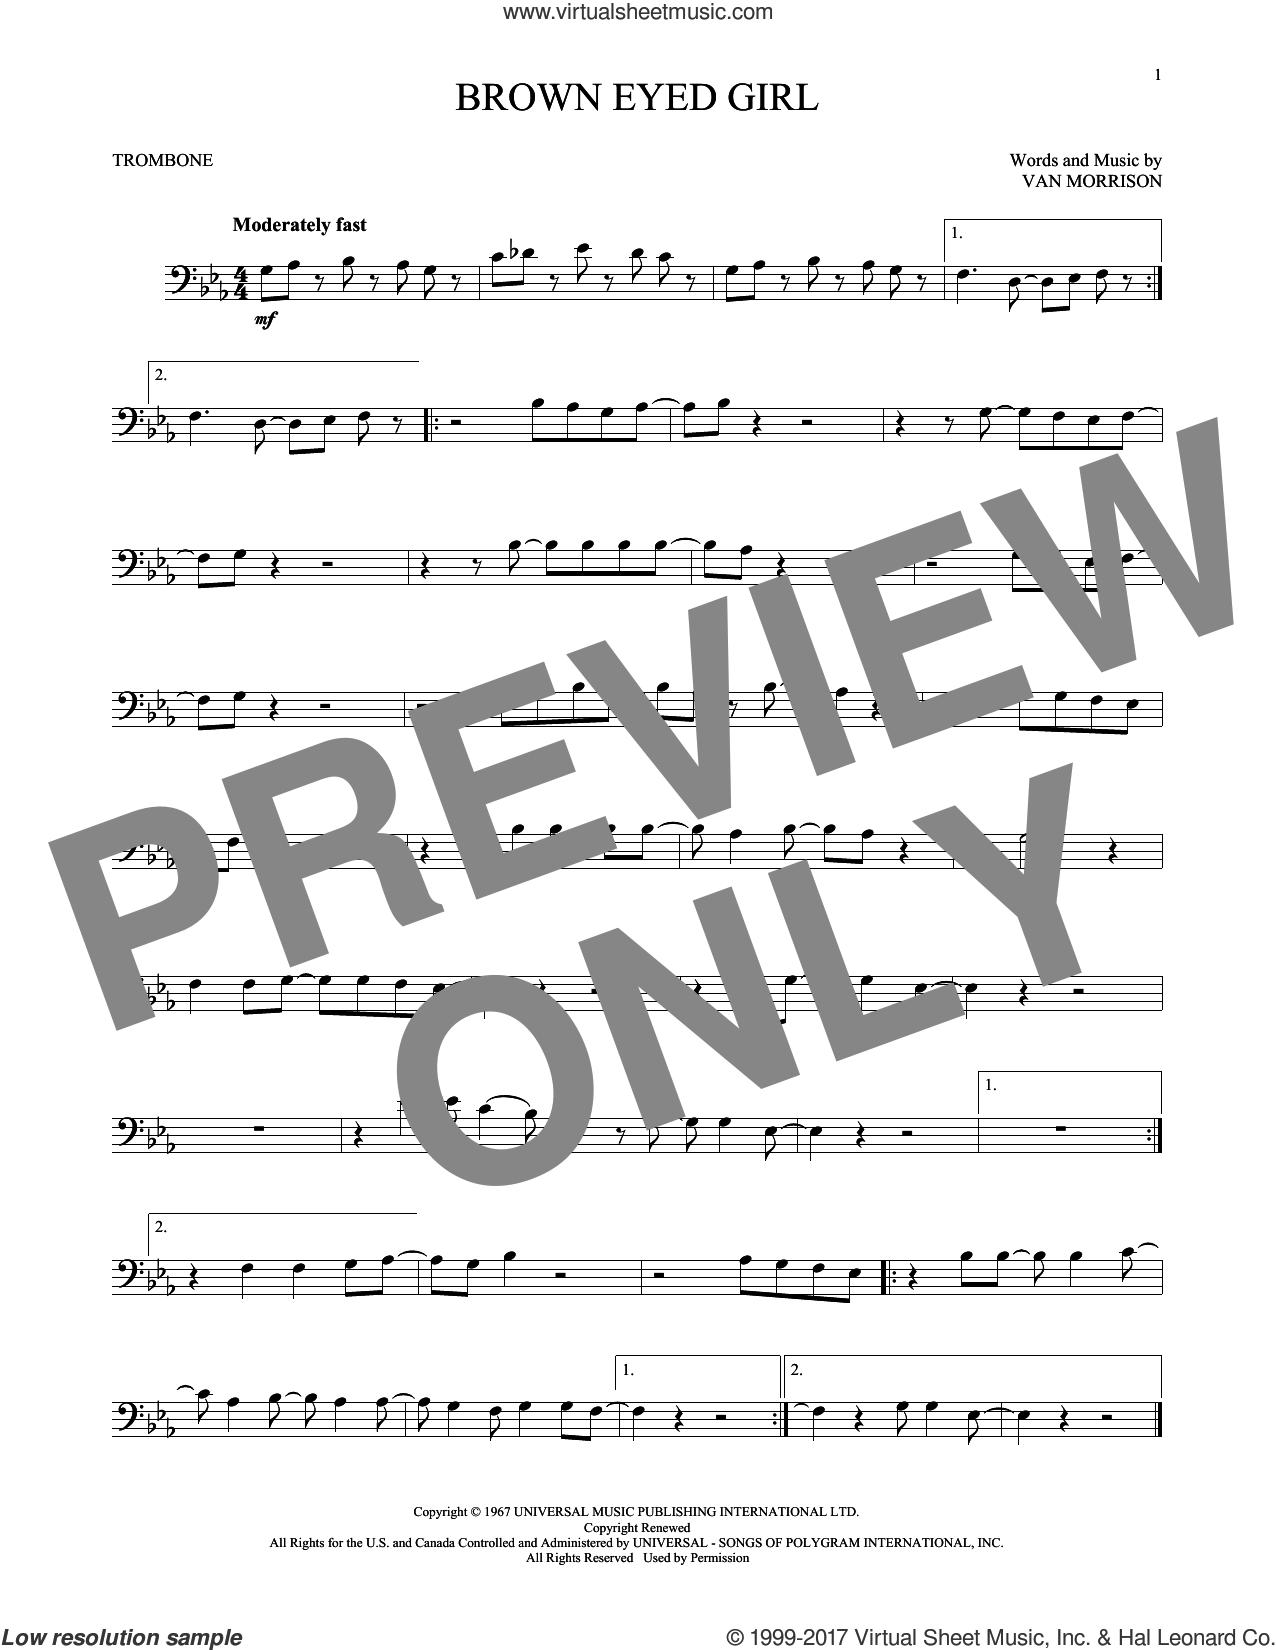 Brown Eyed Girl sheet music for trombone solo by Van Morrison, intermediate skill level